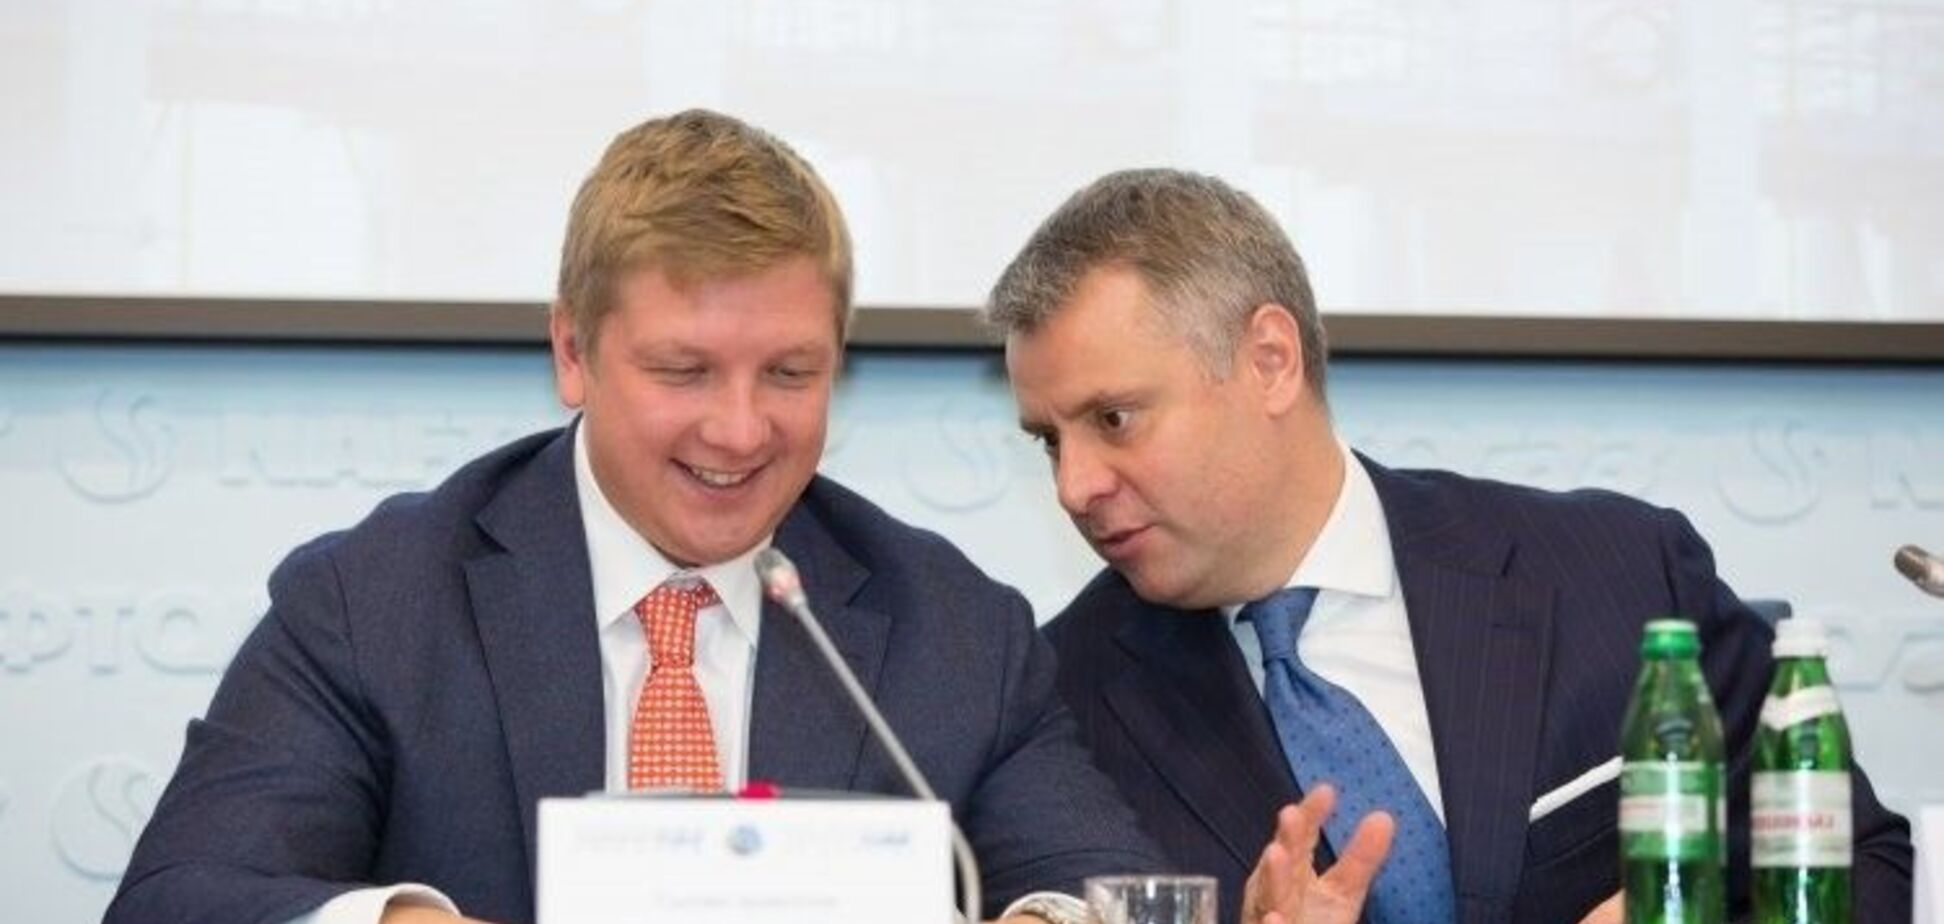 Коболєв і Вітренко отримають 700 млн грн премії